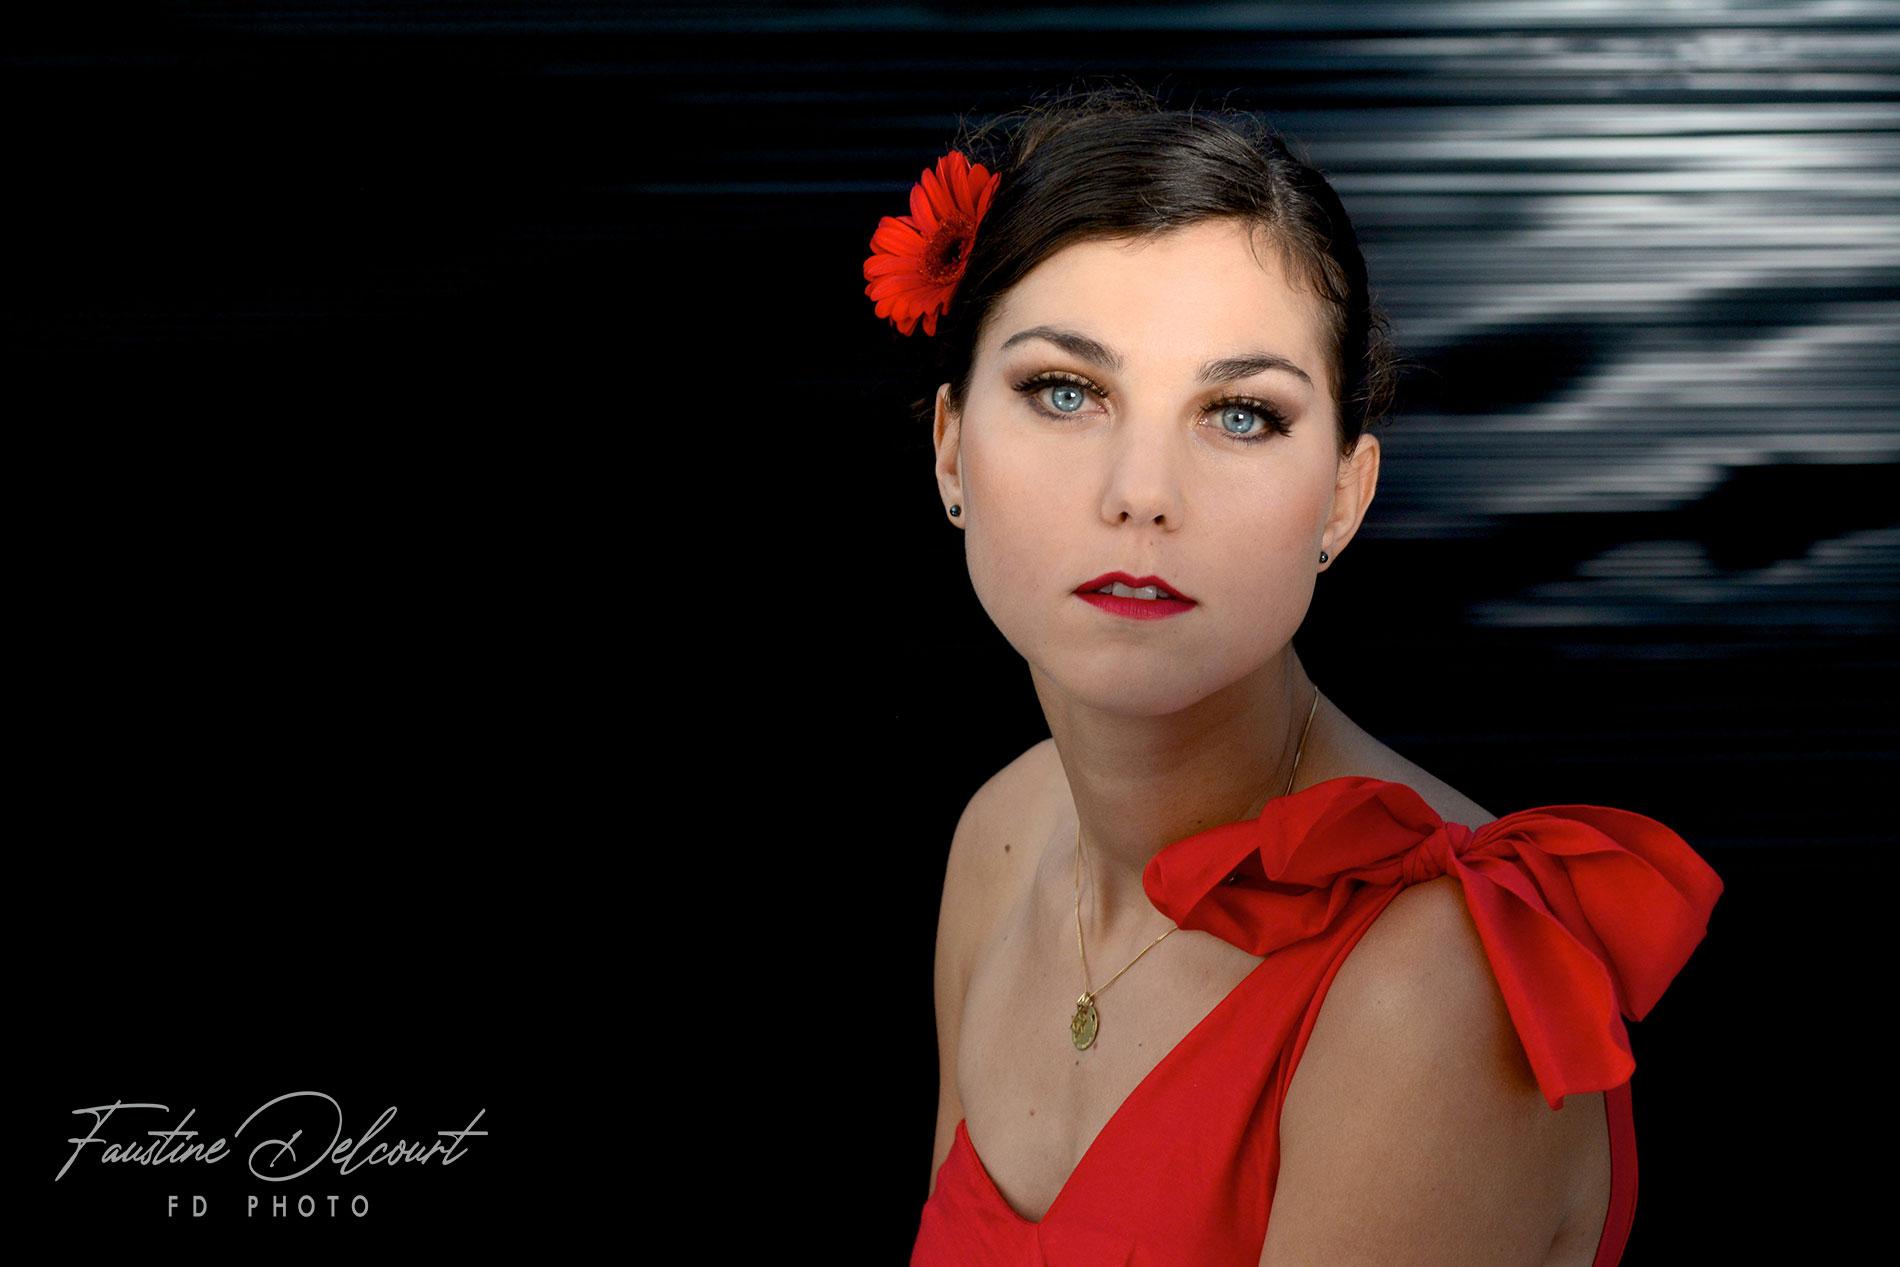 cette image représente une jeune femme prise en photo studio sur fond noir